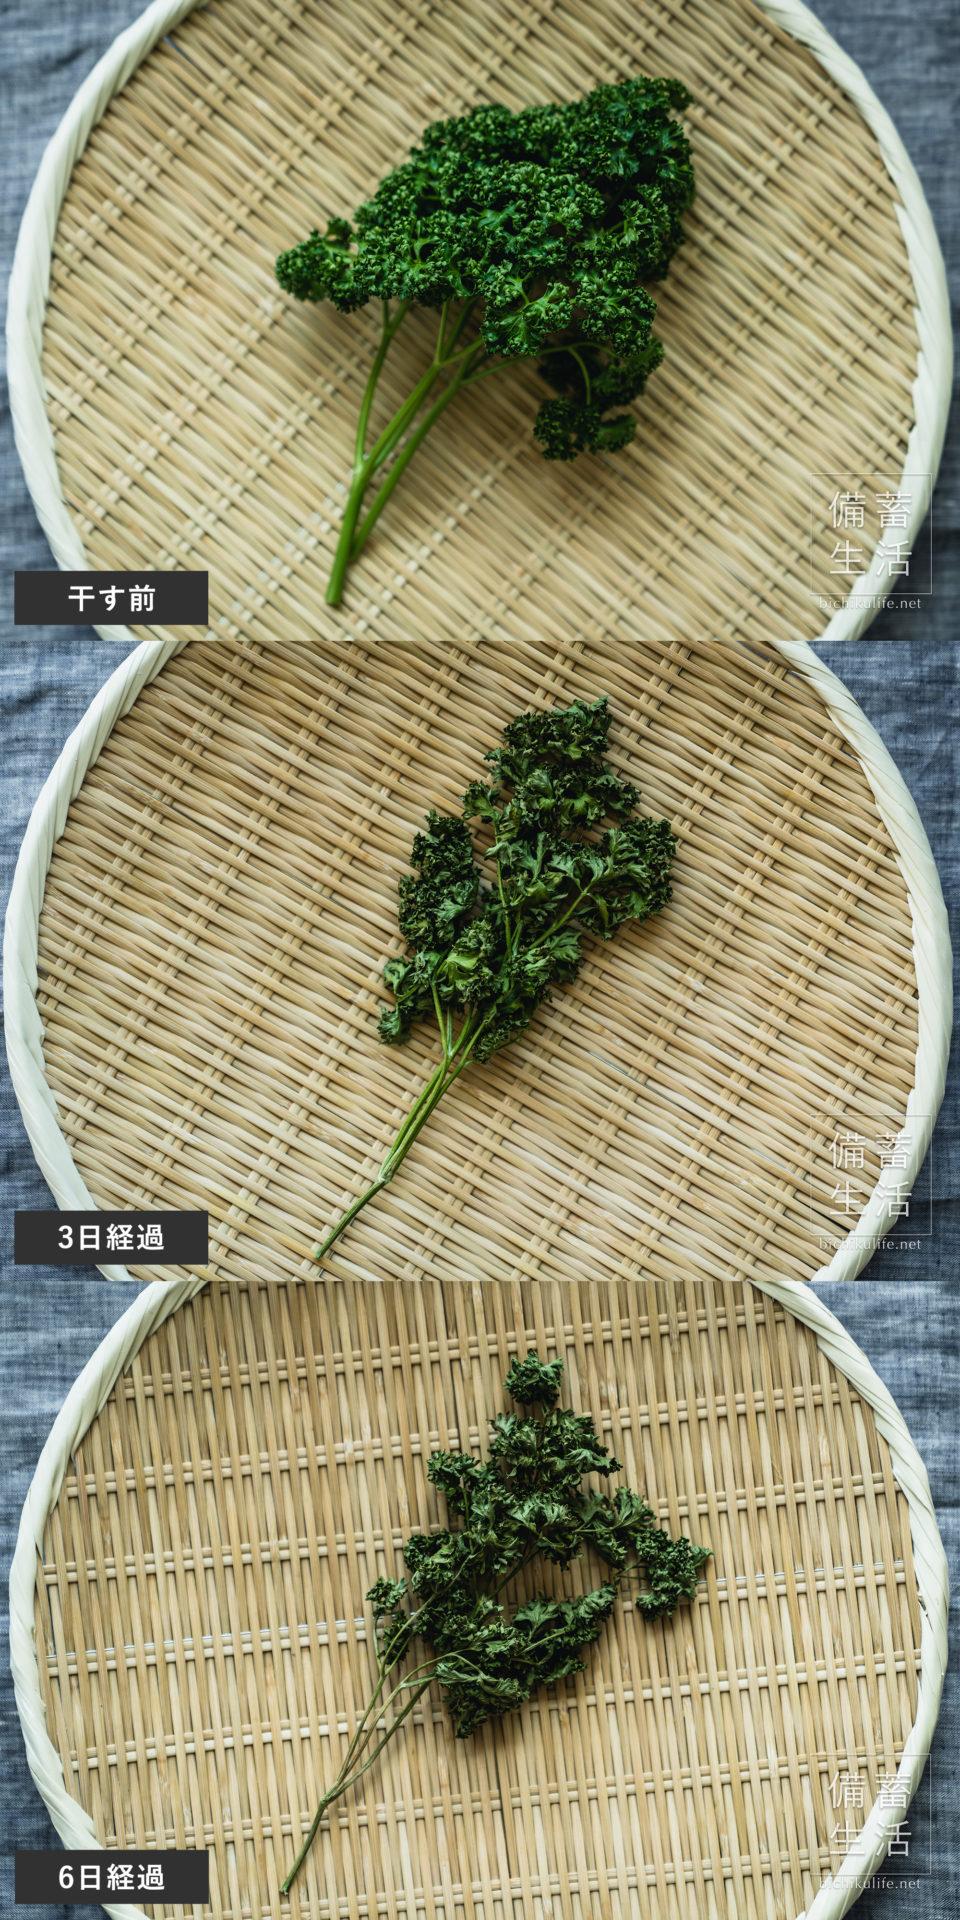 パセリ 干し野菜づくり|干しパセリの作り方